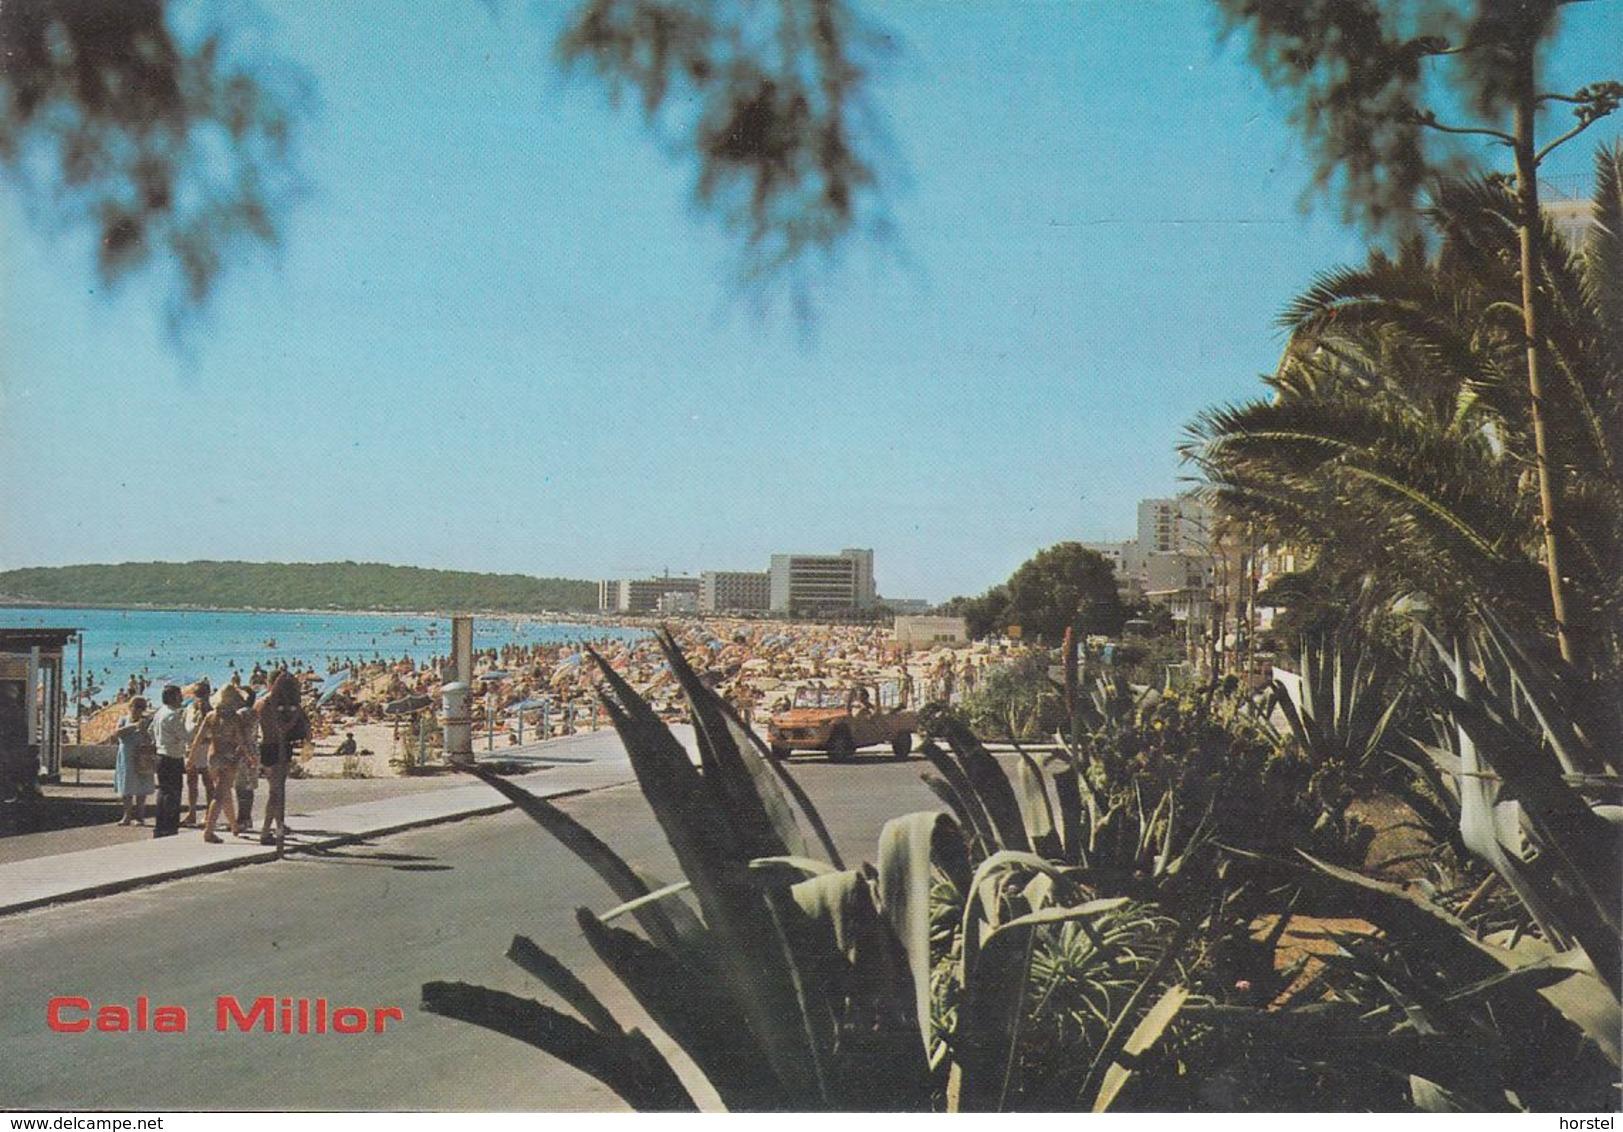 Spanien - Mallorca - Cala Millor - Beach - Street - Cars - Buggy - Mallorca